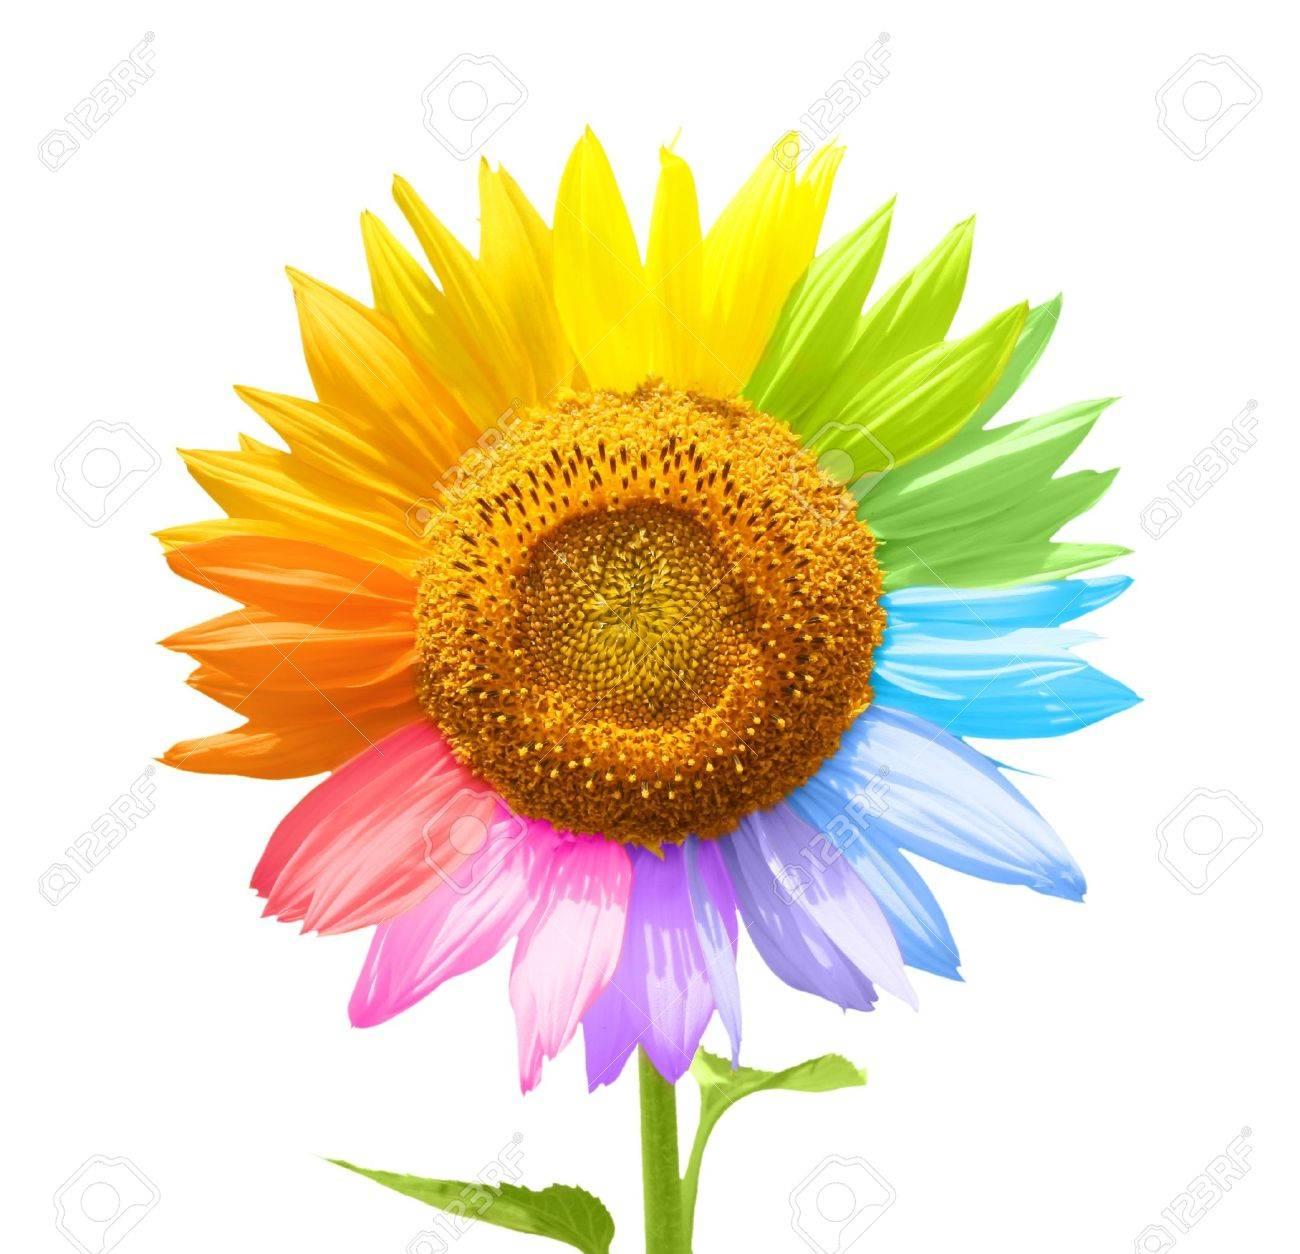 Tolle Sonnenblumen Malvorlagen Für Kinder Ideen - Malvorlagen Ideen ...